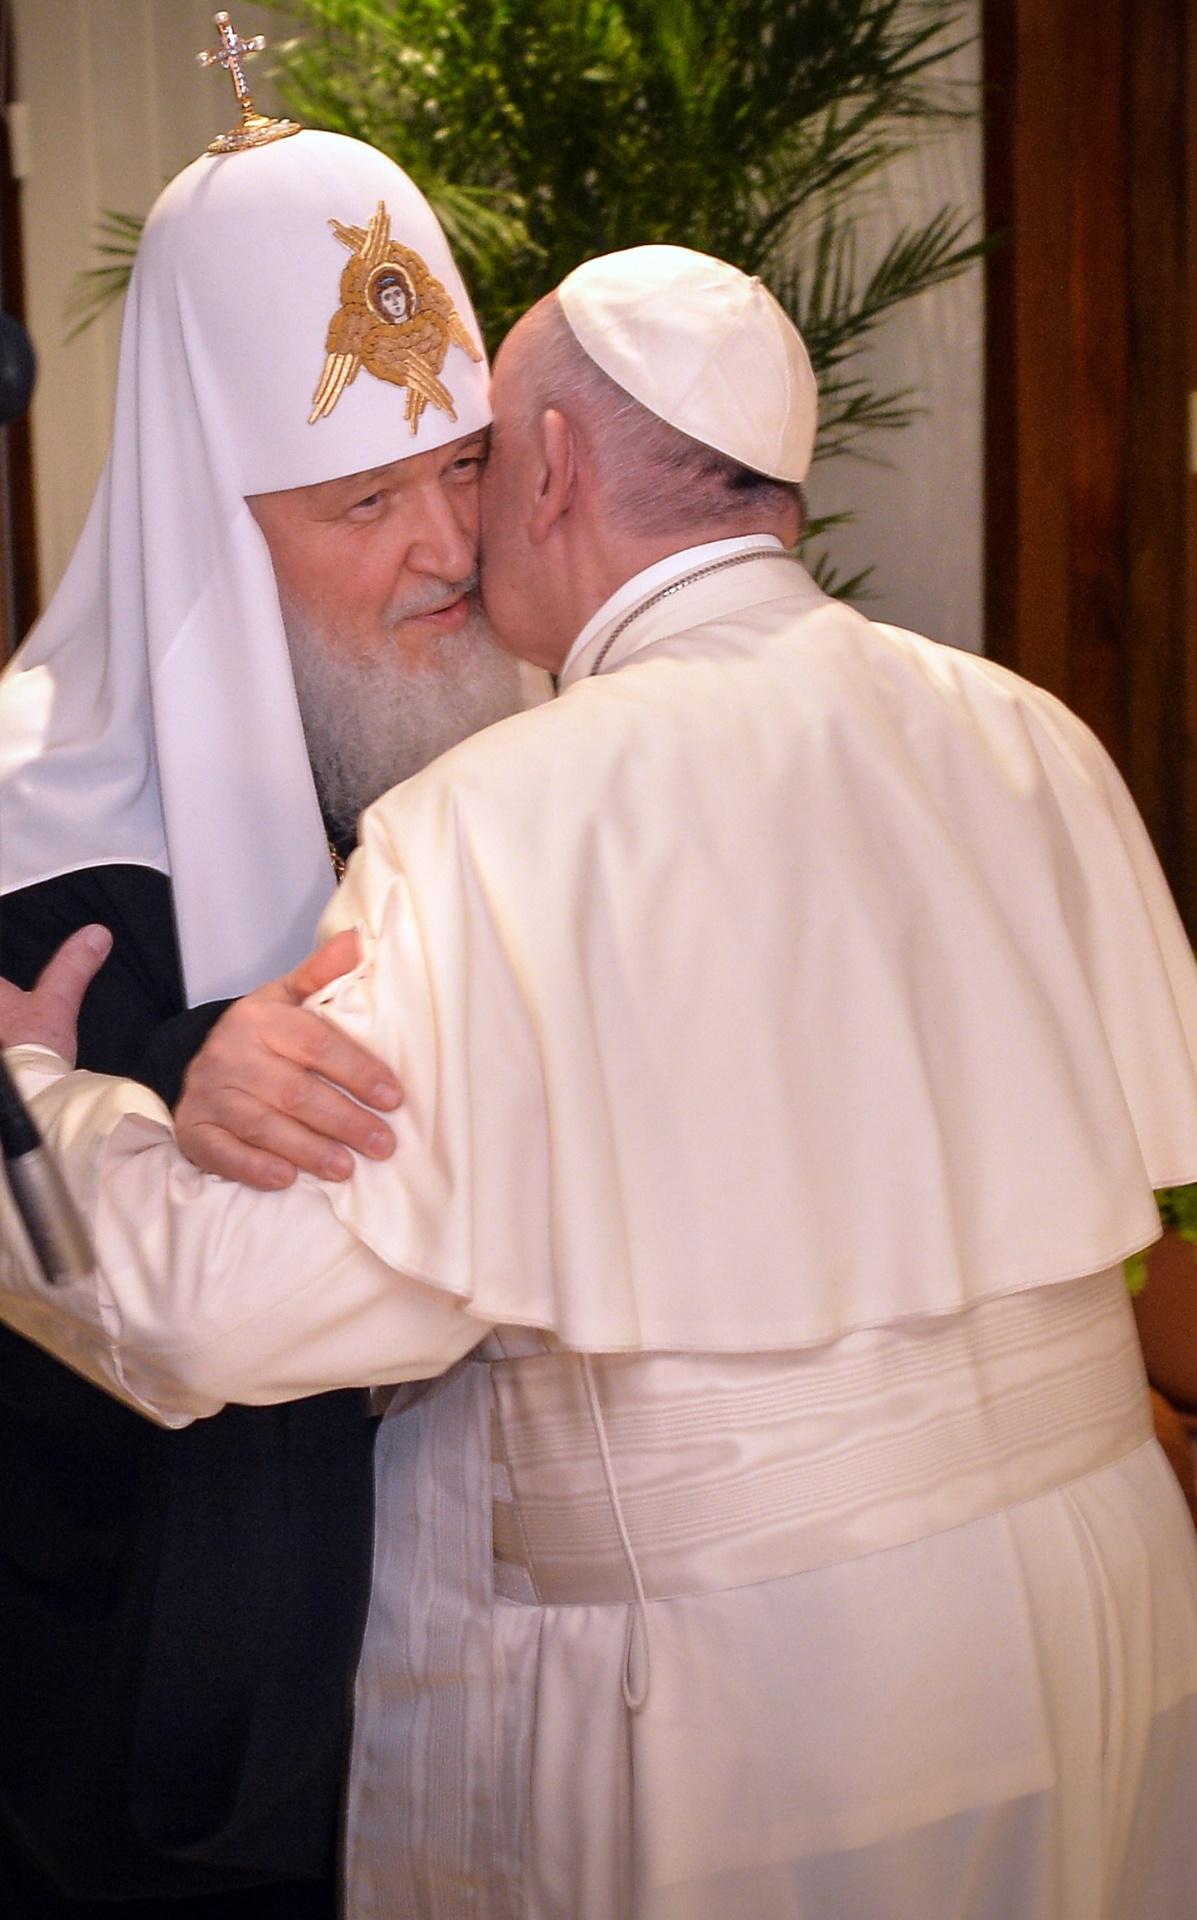 12.fev.2016 - O patriarca da Igreja Ortodoxa Russa, Kirill, encontra o papa Francisco, líder da Igreja Católica, no aeroporto José Martí, em Havana. O encontro entre os dois em Cuba é o primeiro em quase mil anos de cisão entre as Igrejas